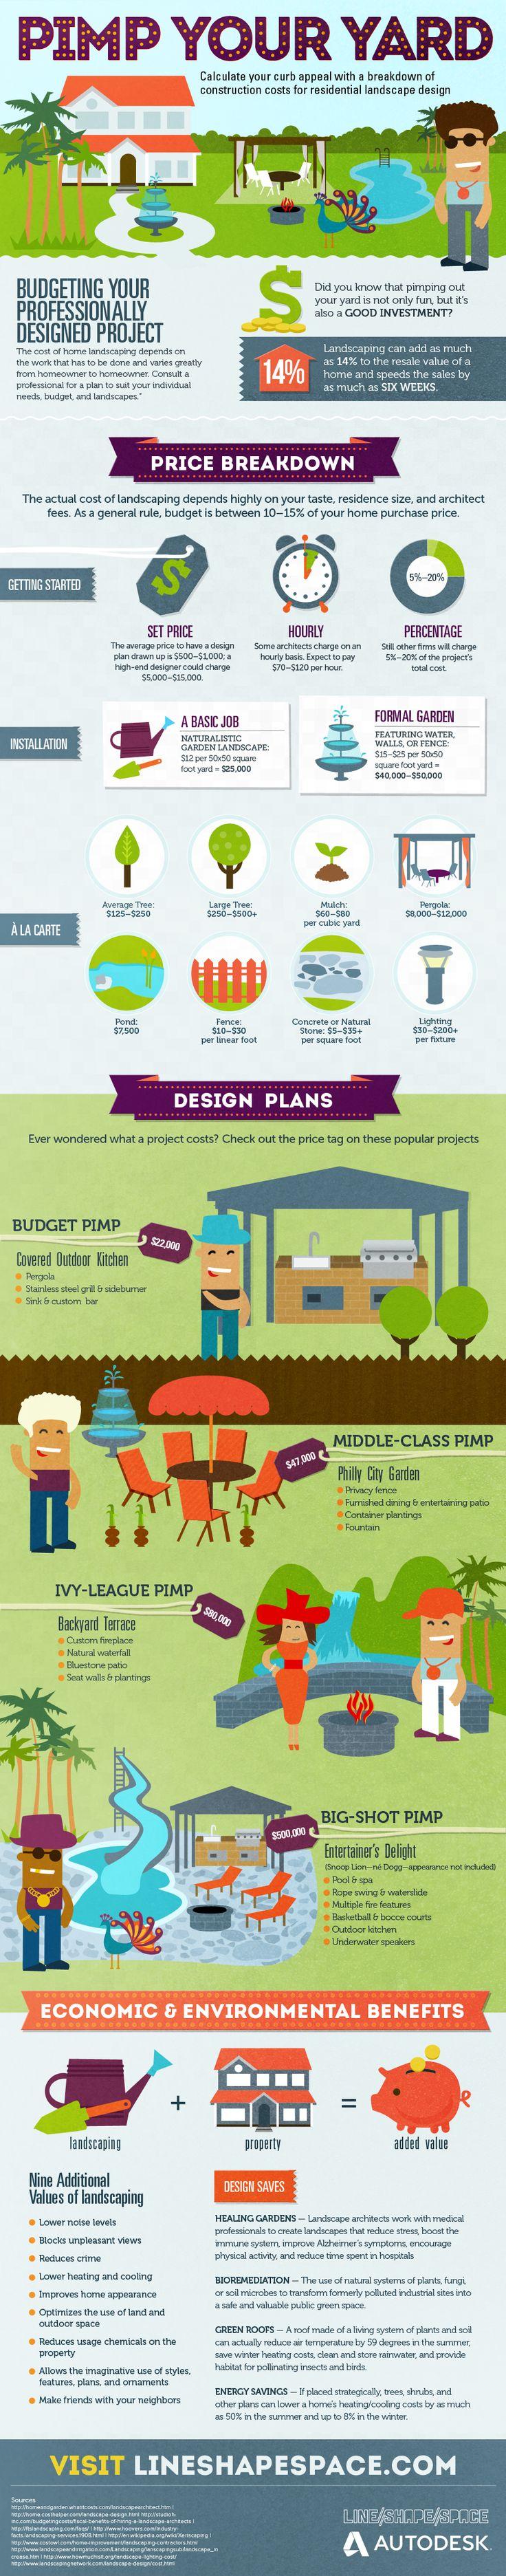 Infographic | Pimp Your Yard: Advantages of Residential Landscape Architecture - Land8.com